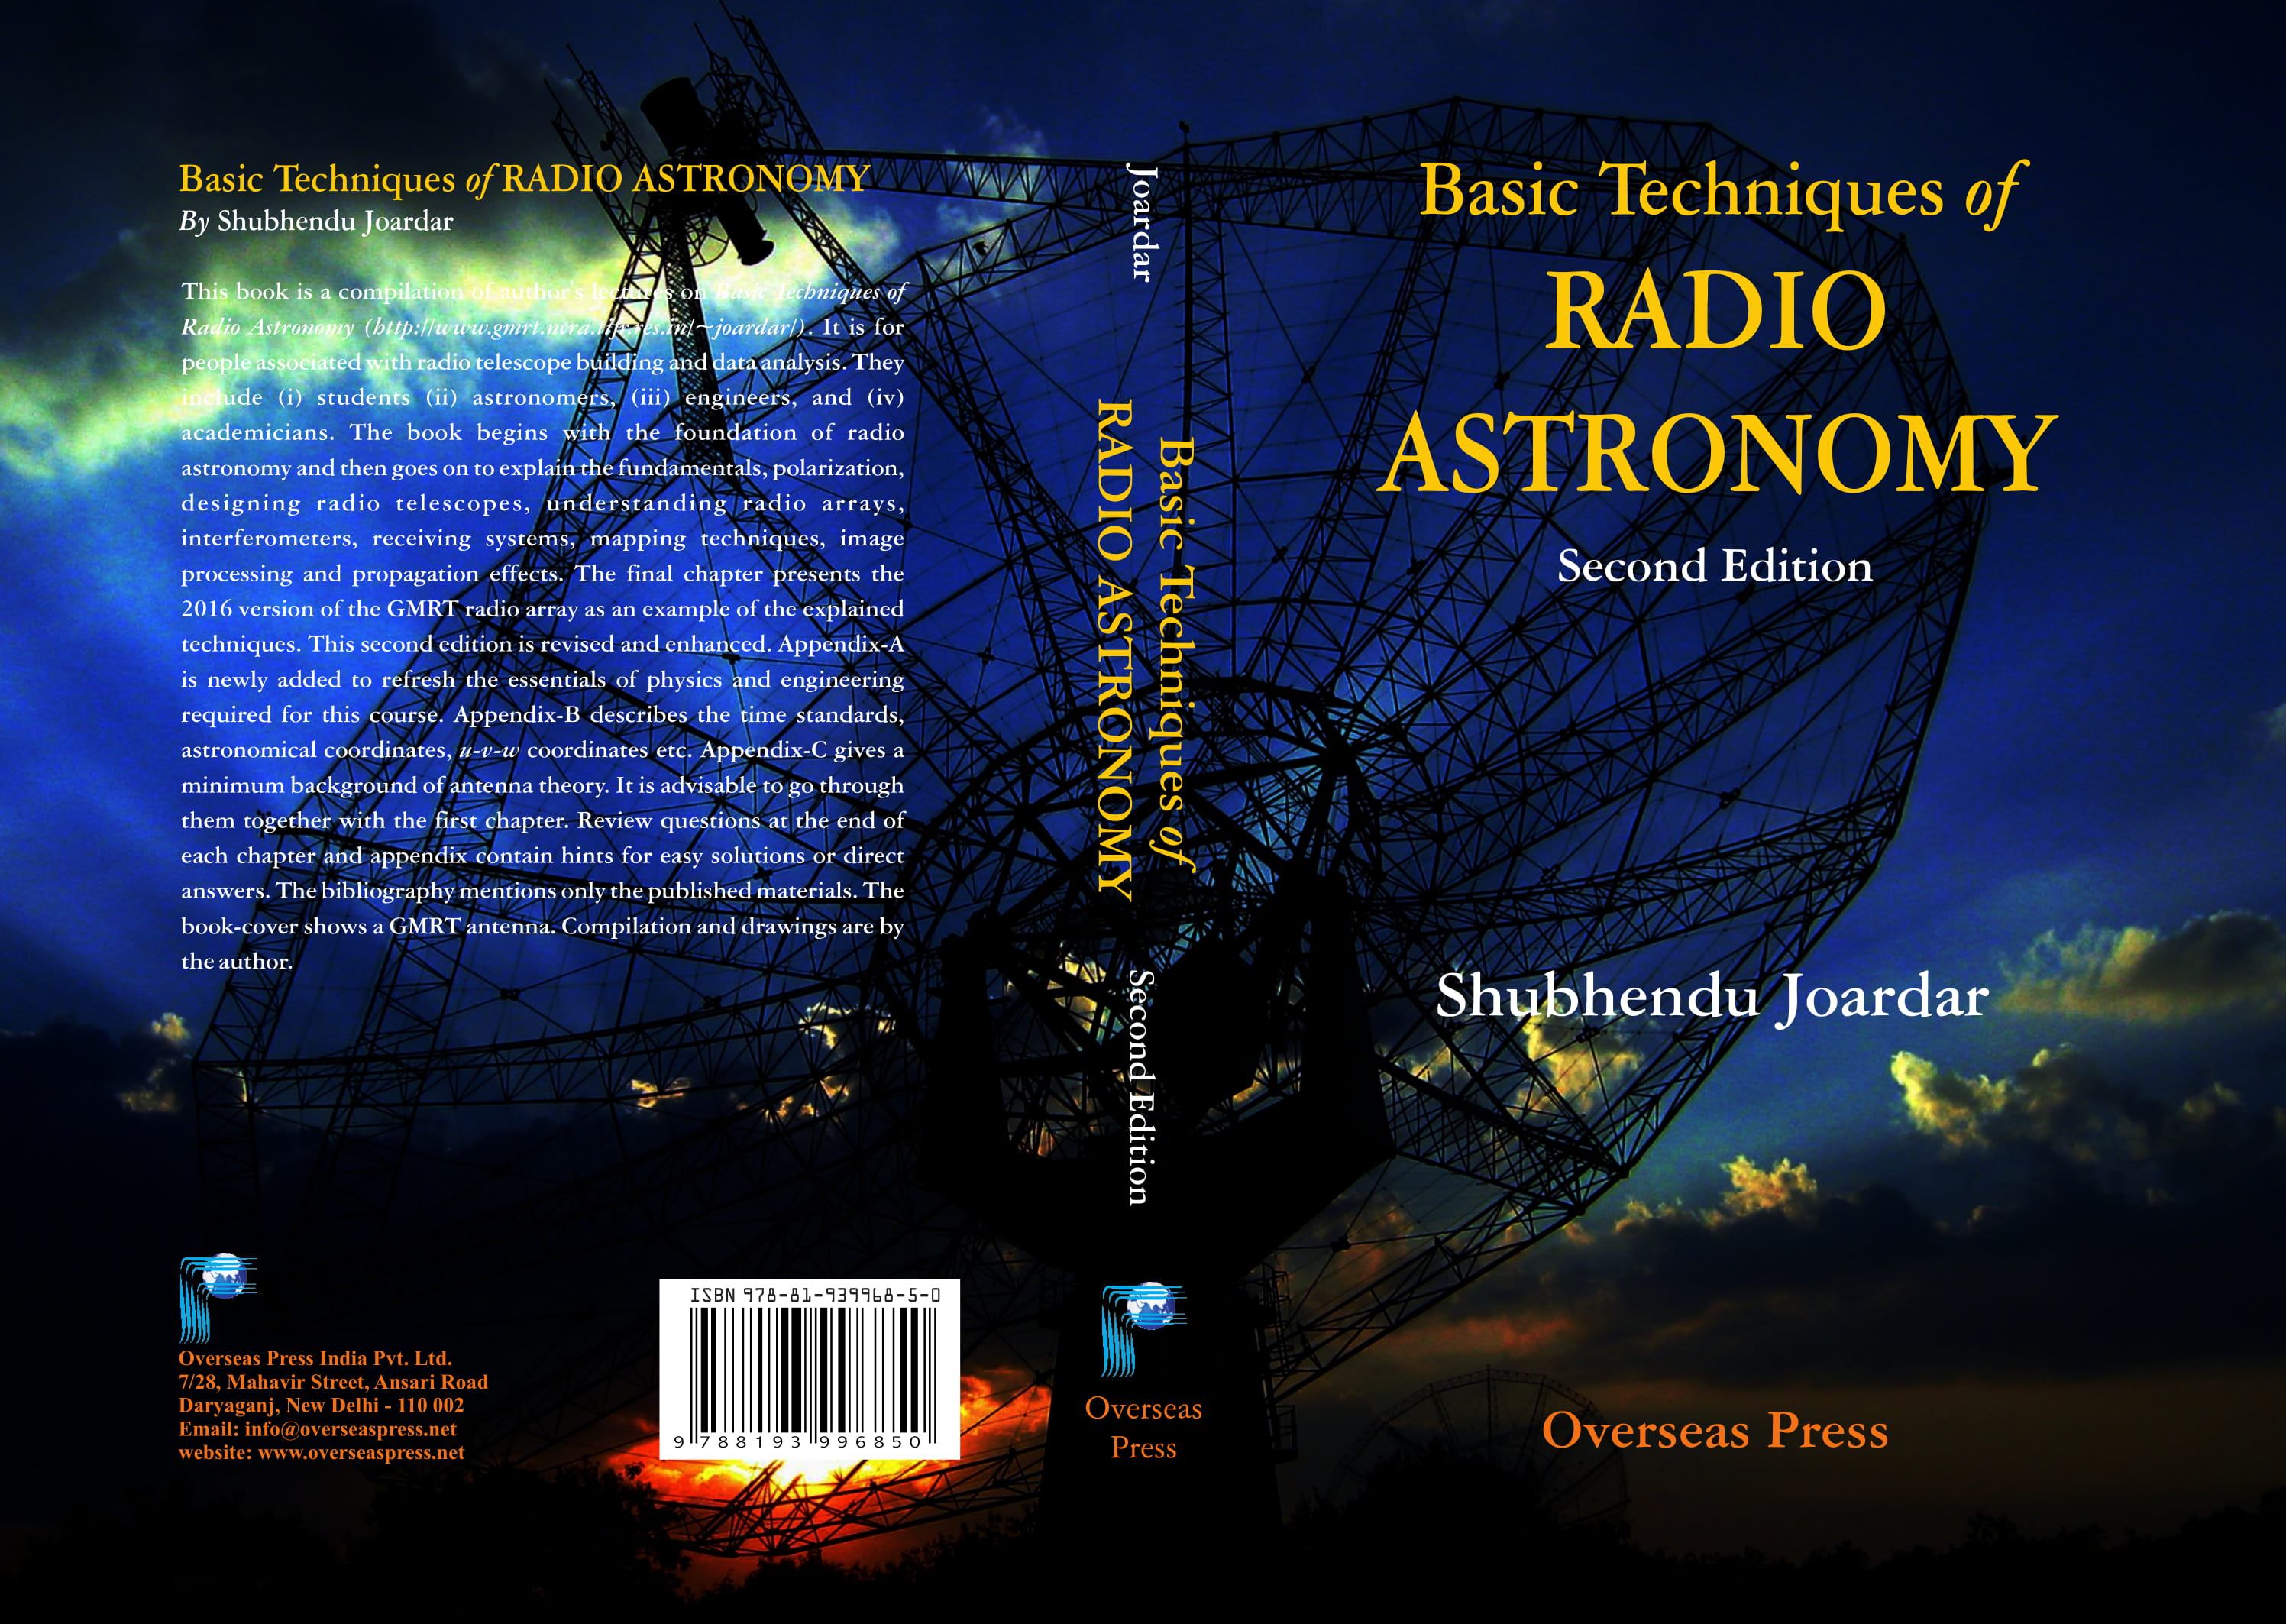 Basic Techniques Of Radio Astronomy